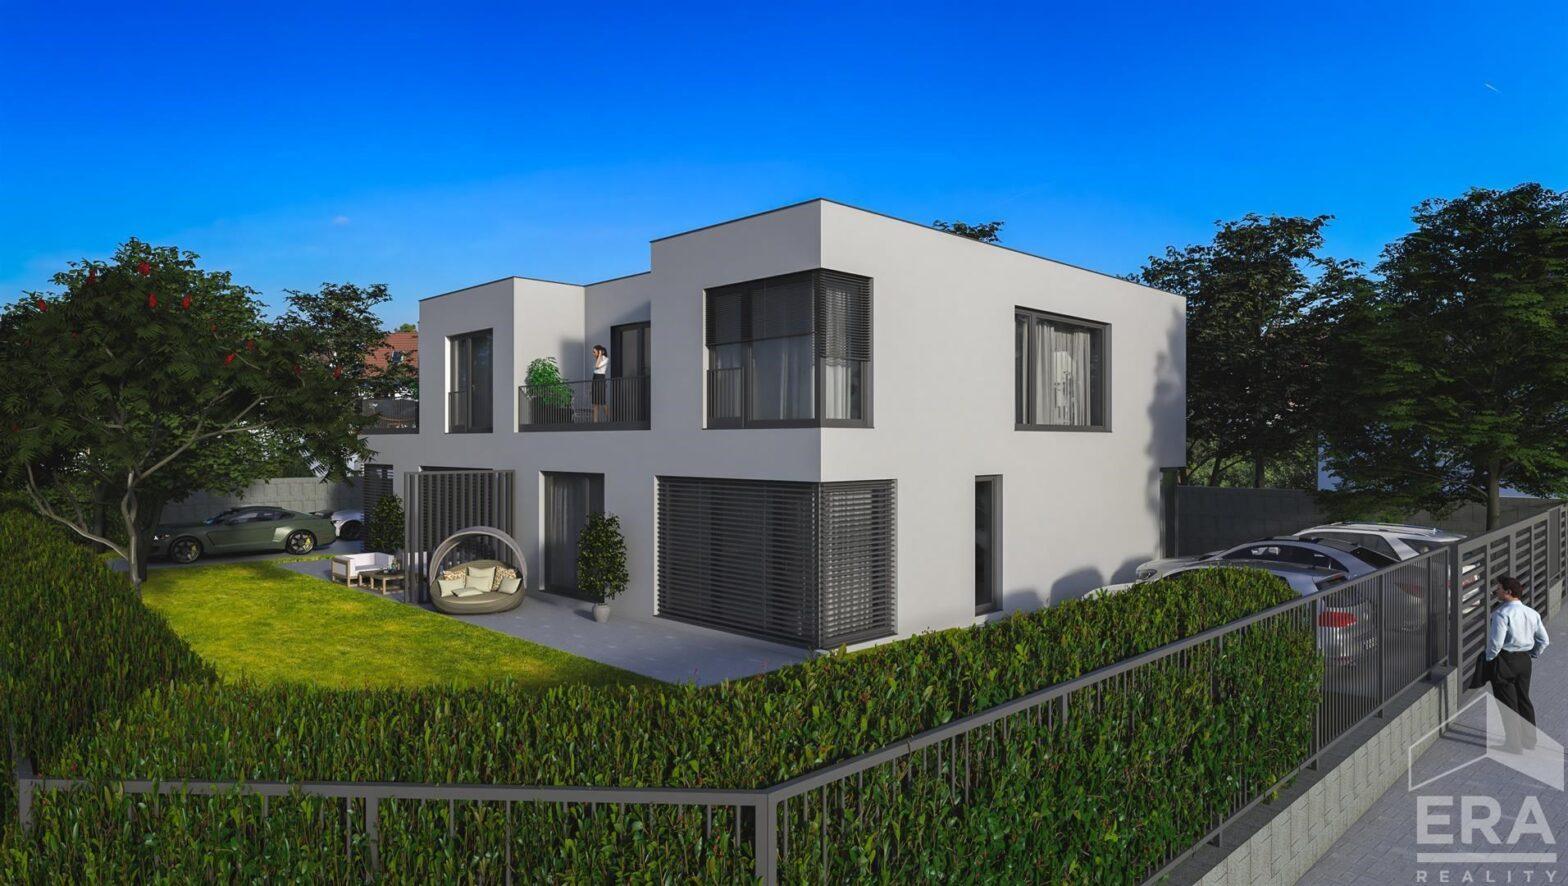 Prodej rodinného domu 171 m2 (SO.01) , pozemek 278